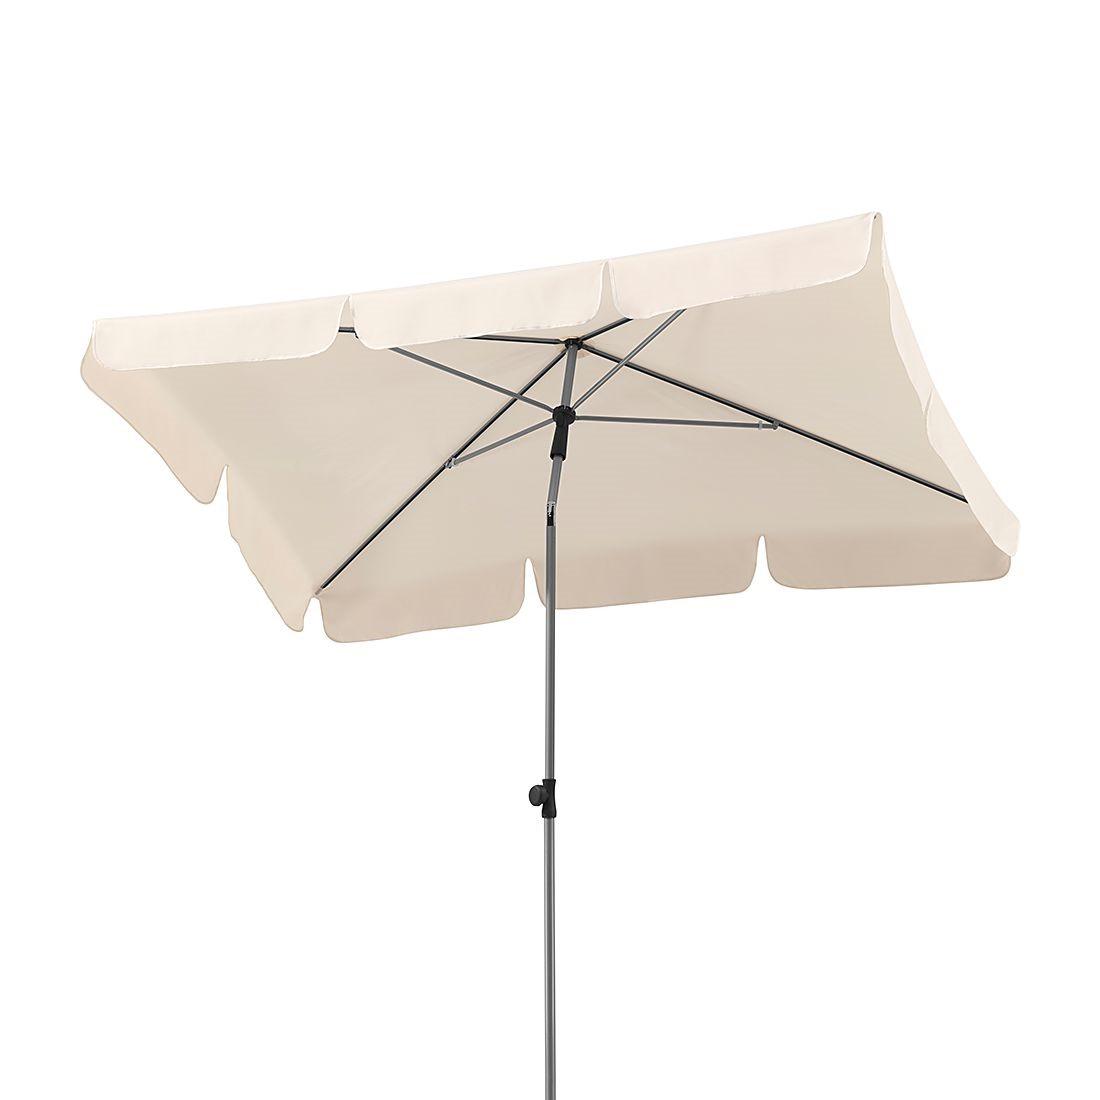 Sonnenschirm Micco III - Stahl/Polyester - Silber/Natur, Schneider Schirme